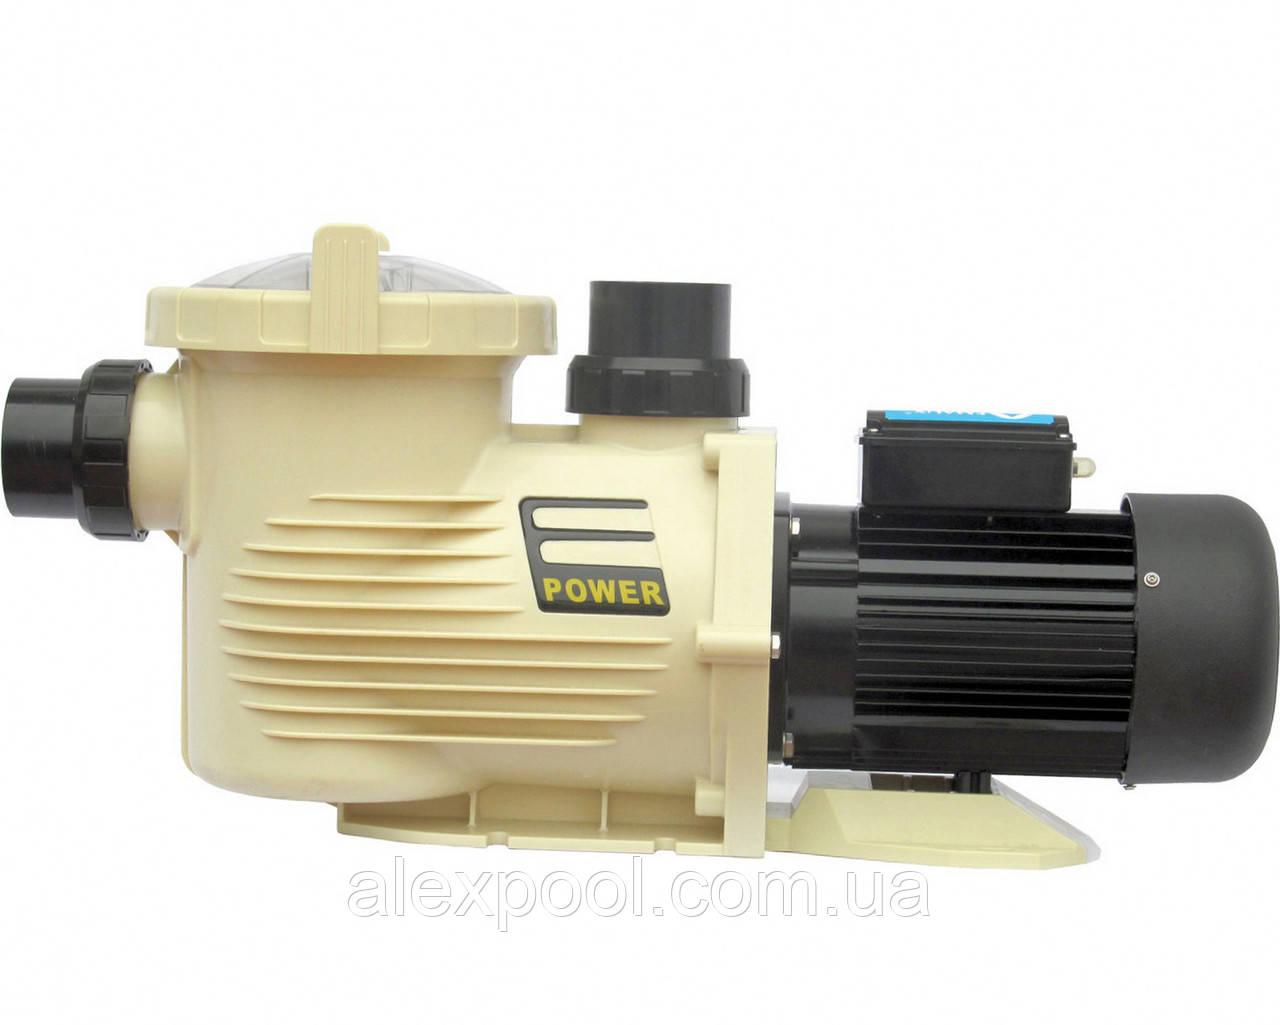 Насос Emaux EPH300 (EPH 300, 28,5 м. куб/час, 2,18 кВт, 3 HP, 380В)